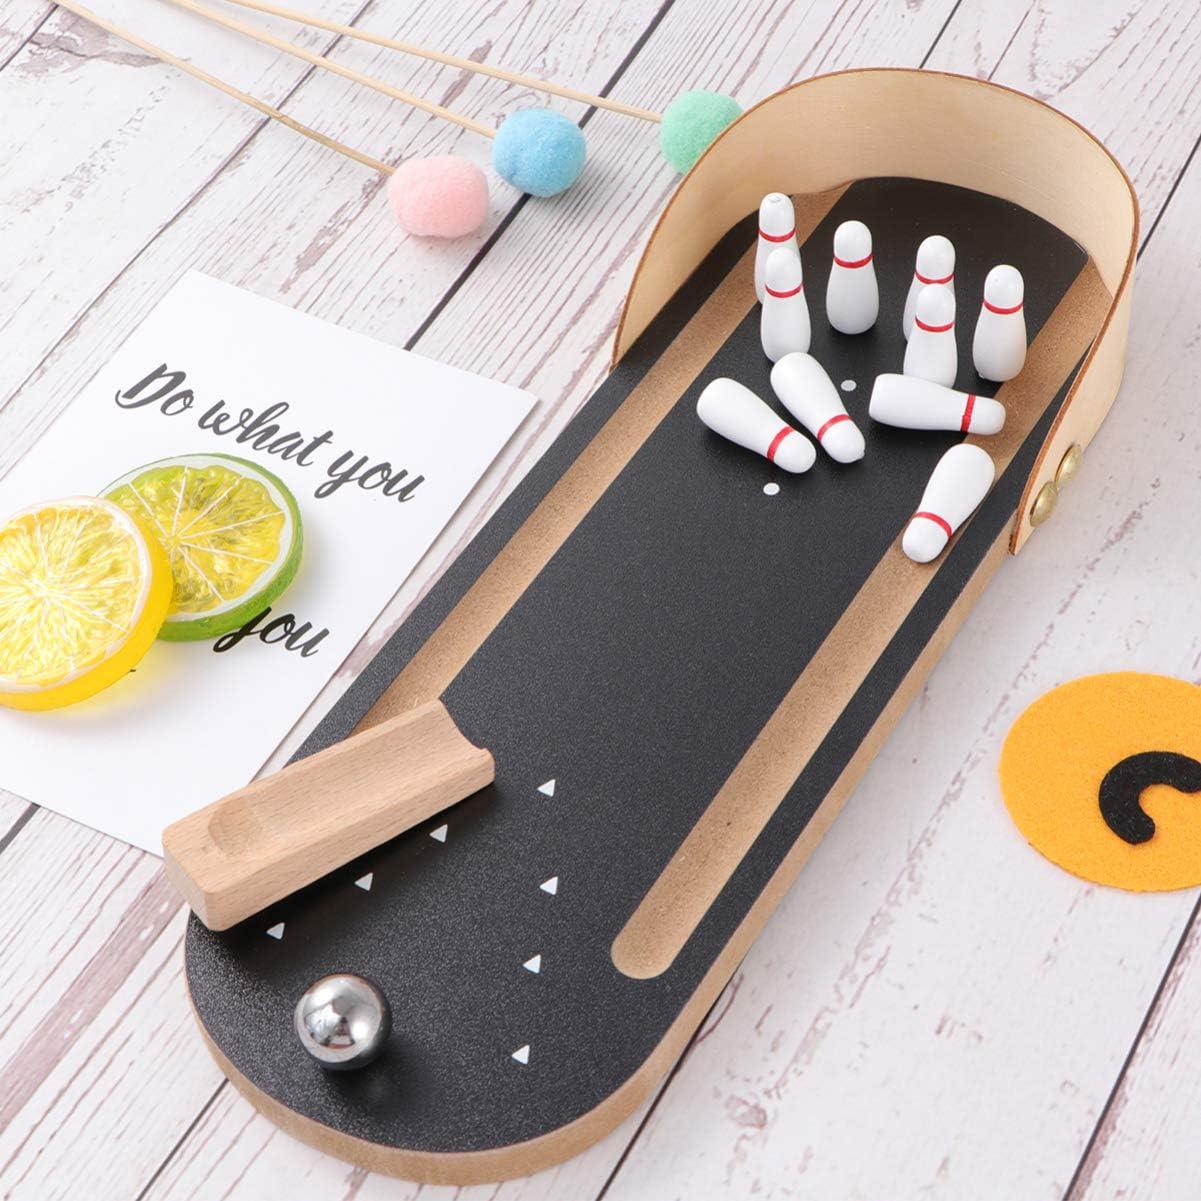 LIOOBO Mini Juego de Bolos de Mesa de Madera Juego de Bolos para niños: Amazon.es: Deportes y aire libre